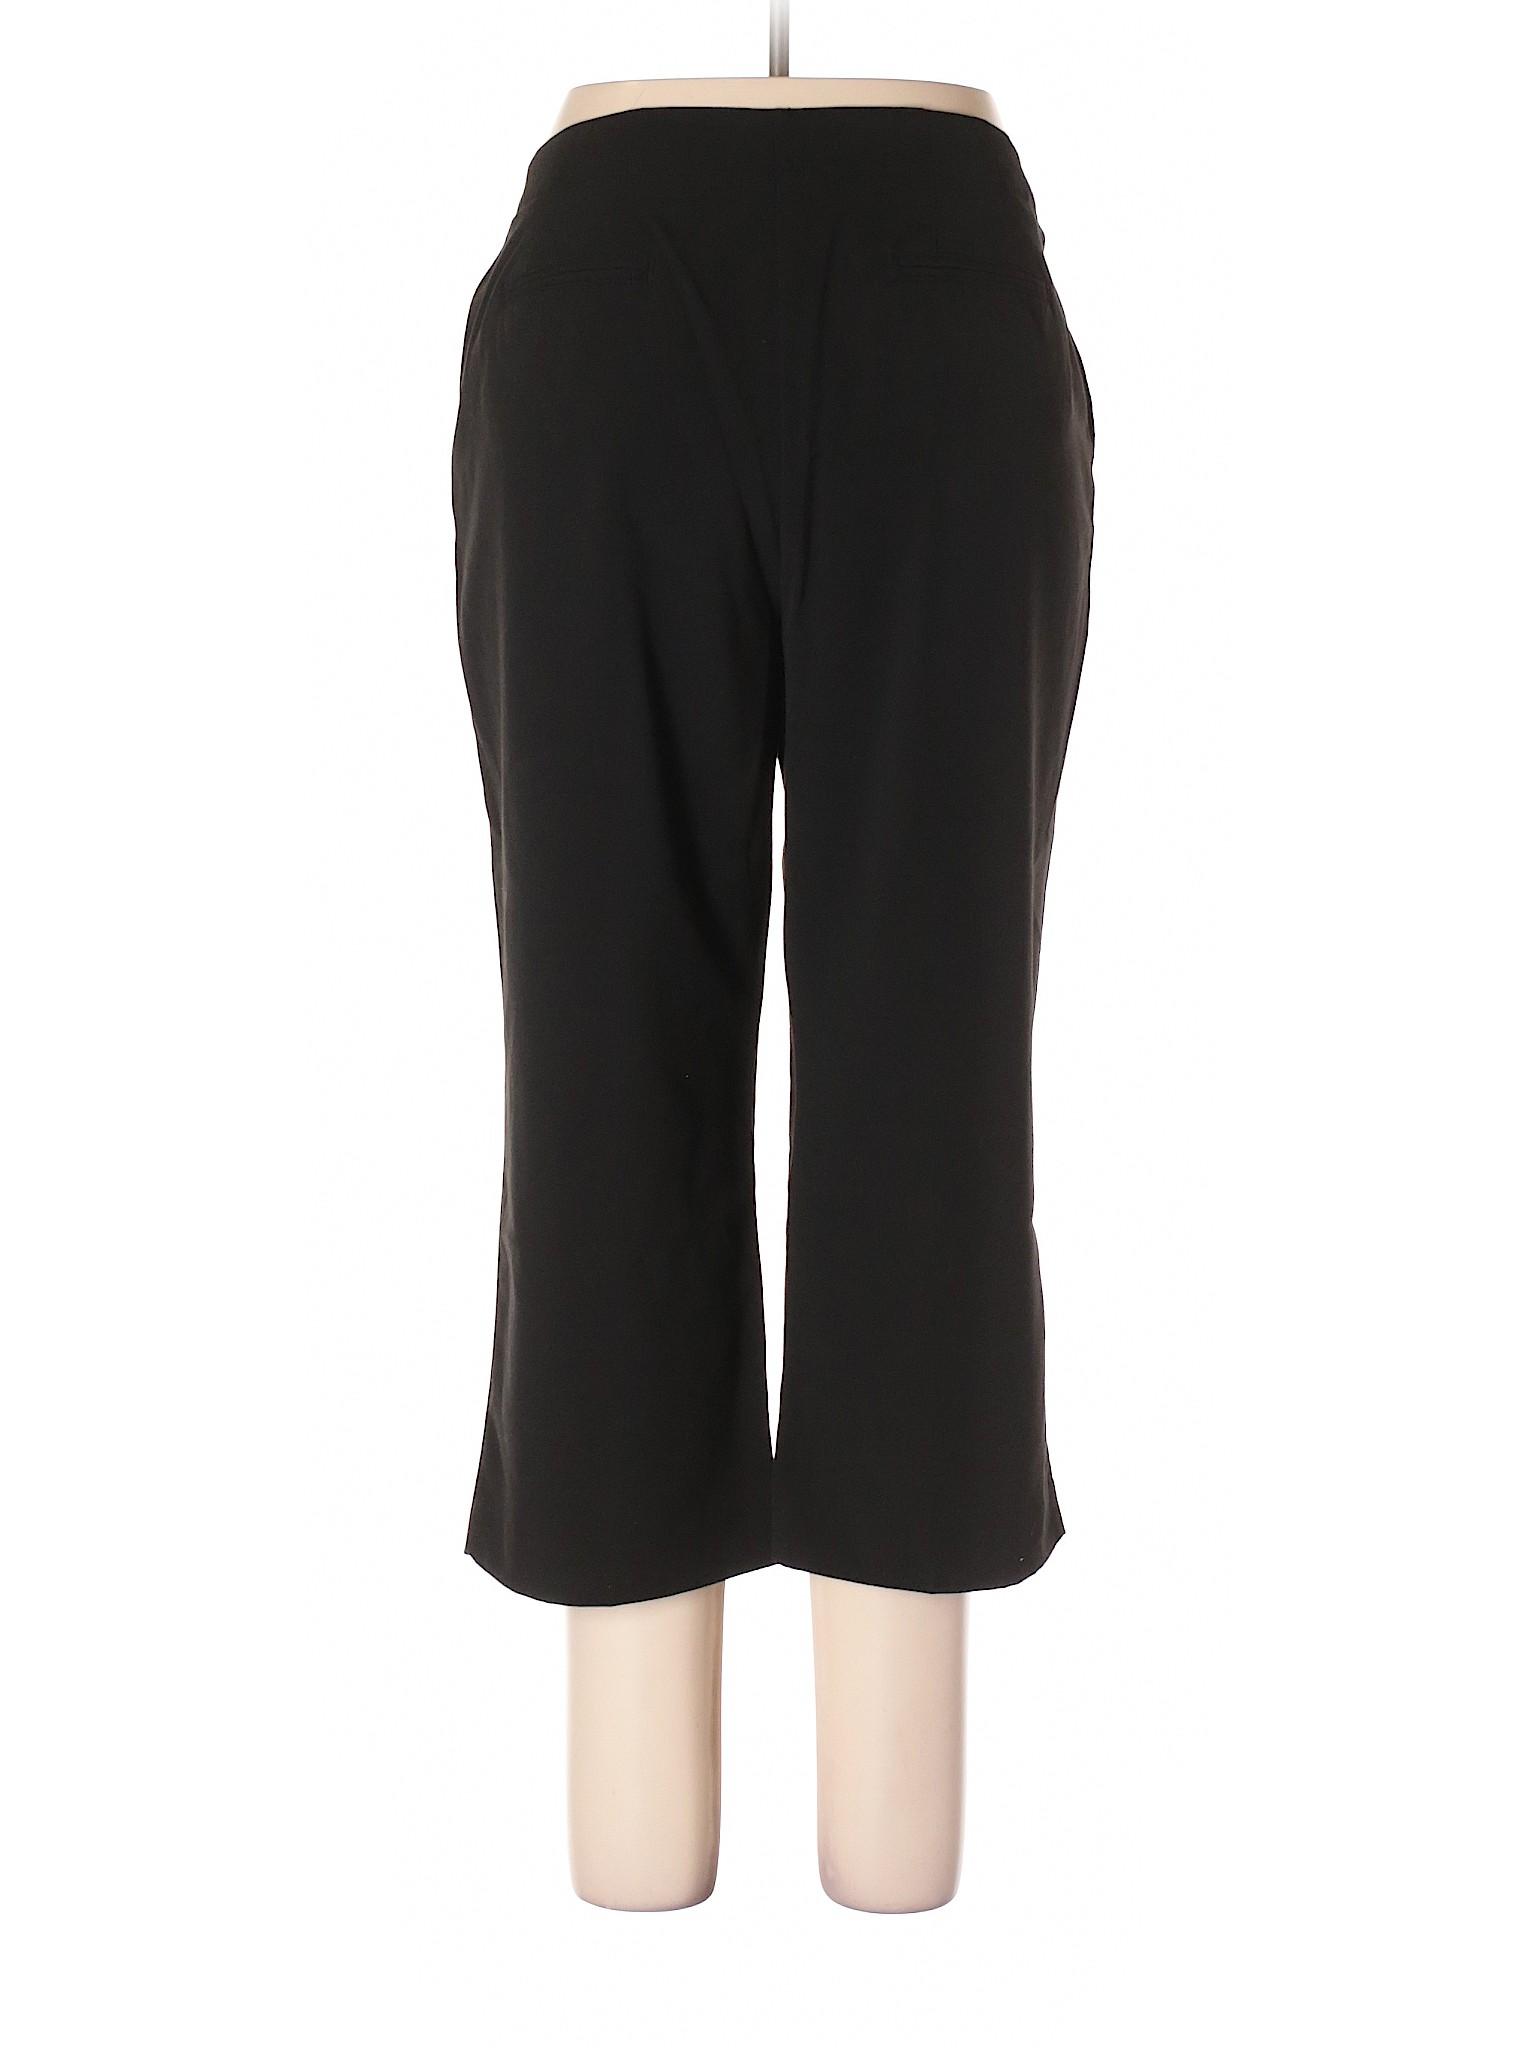 Levine Boutique Pants Larry winter Dress Eqxaqr